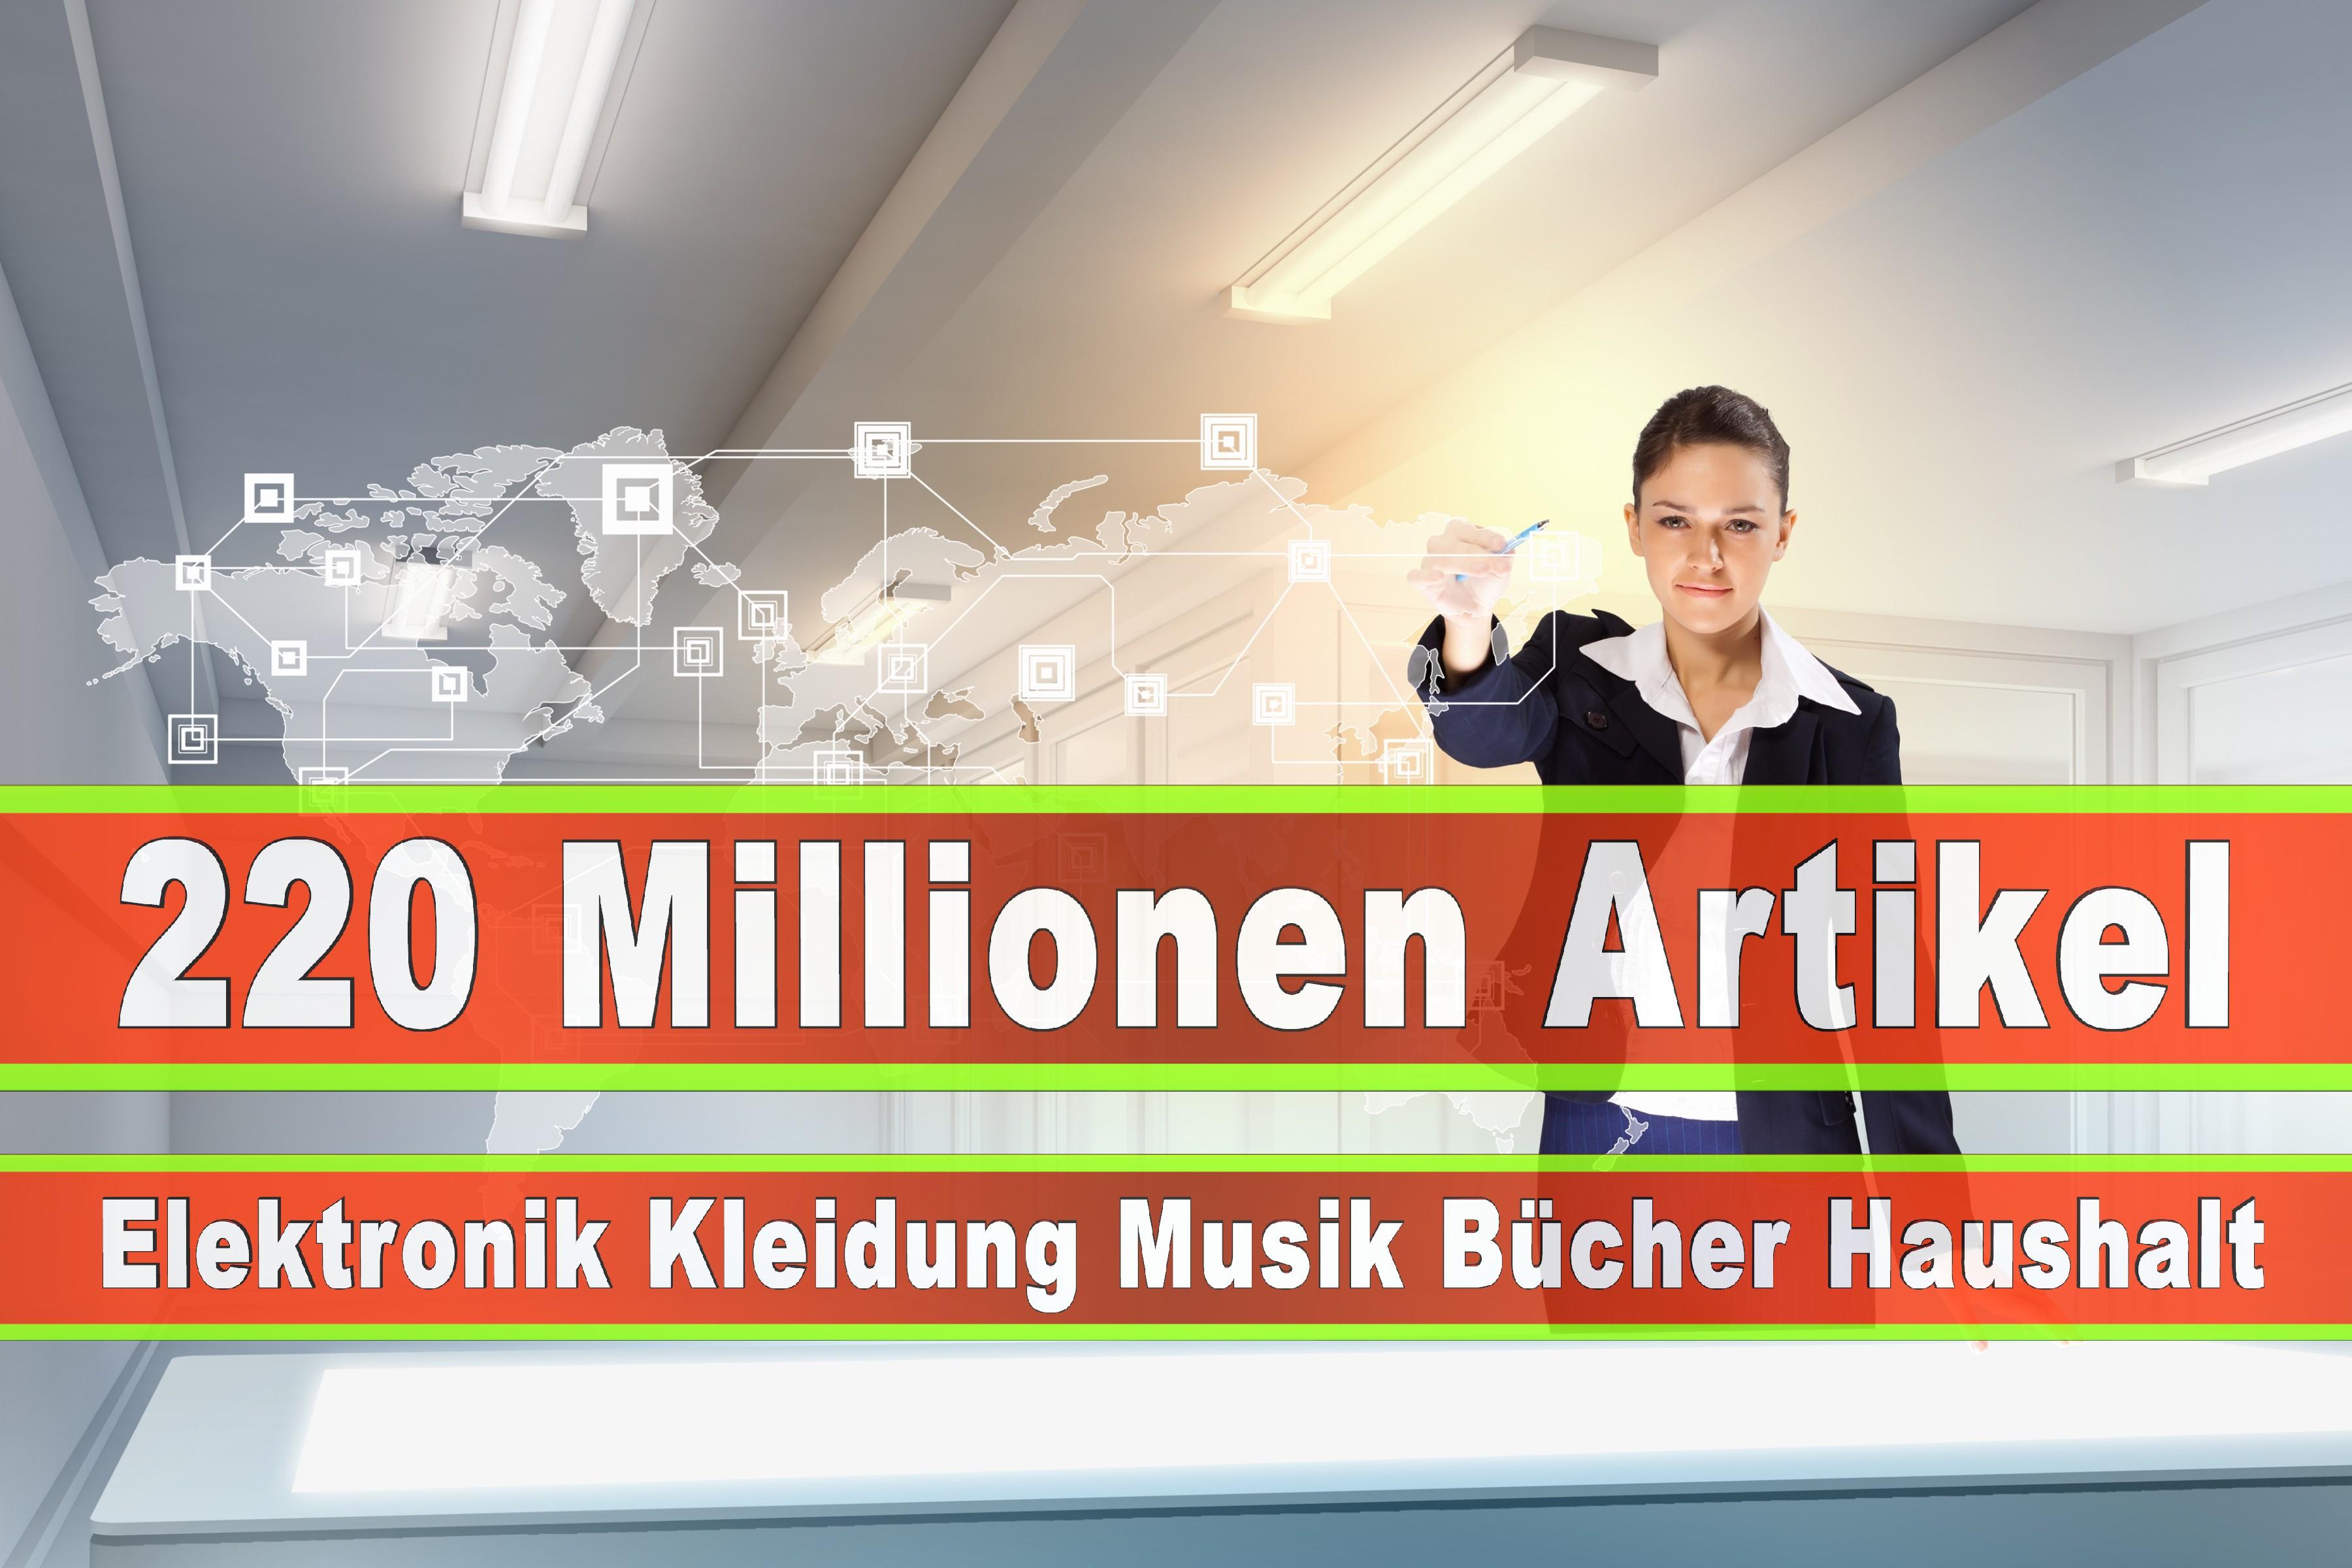 Amazon Elektronik Musik Haushalt Bücher CD DVD Handys Smartphones TV Television Fernseher Kleidung Mode Ebay Versandhaus (17)